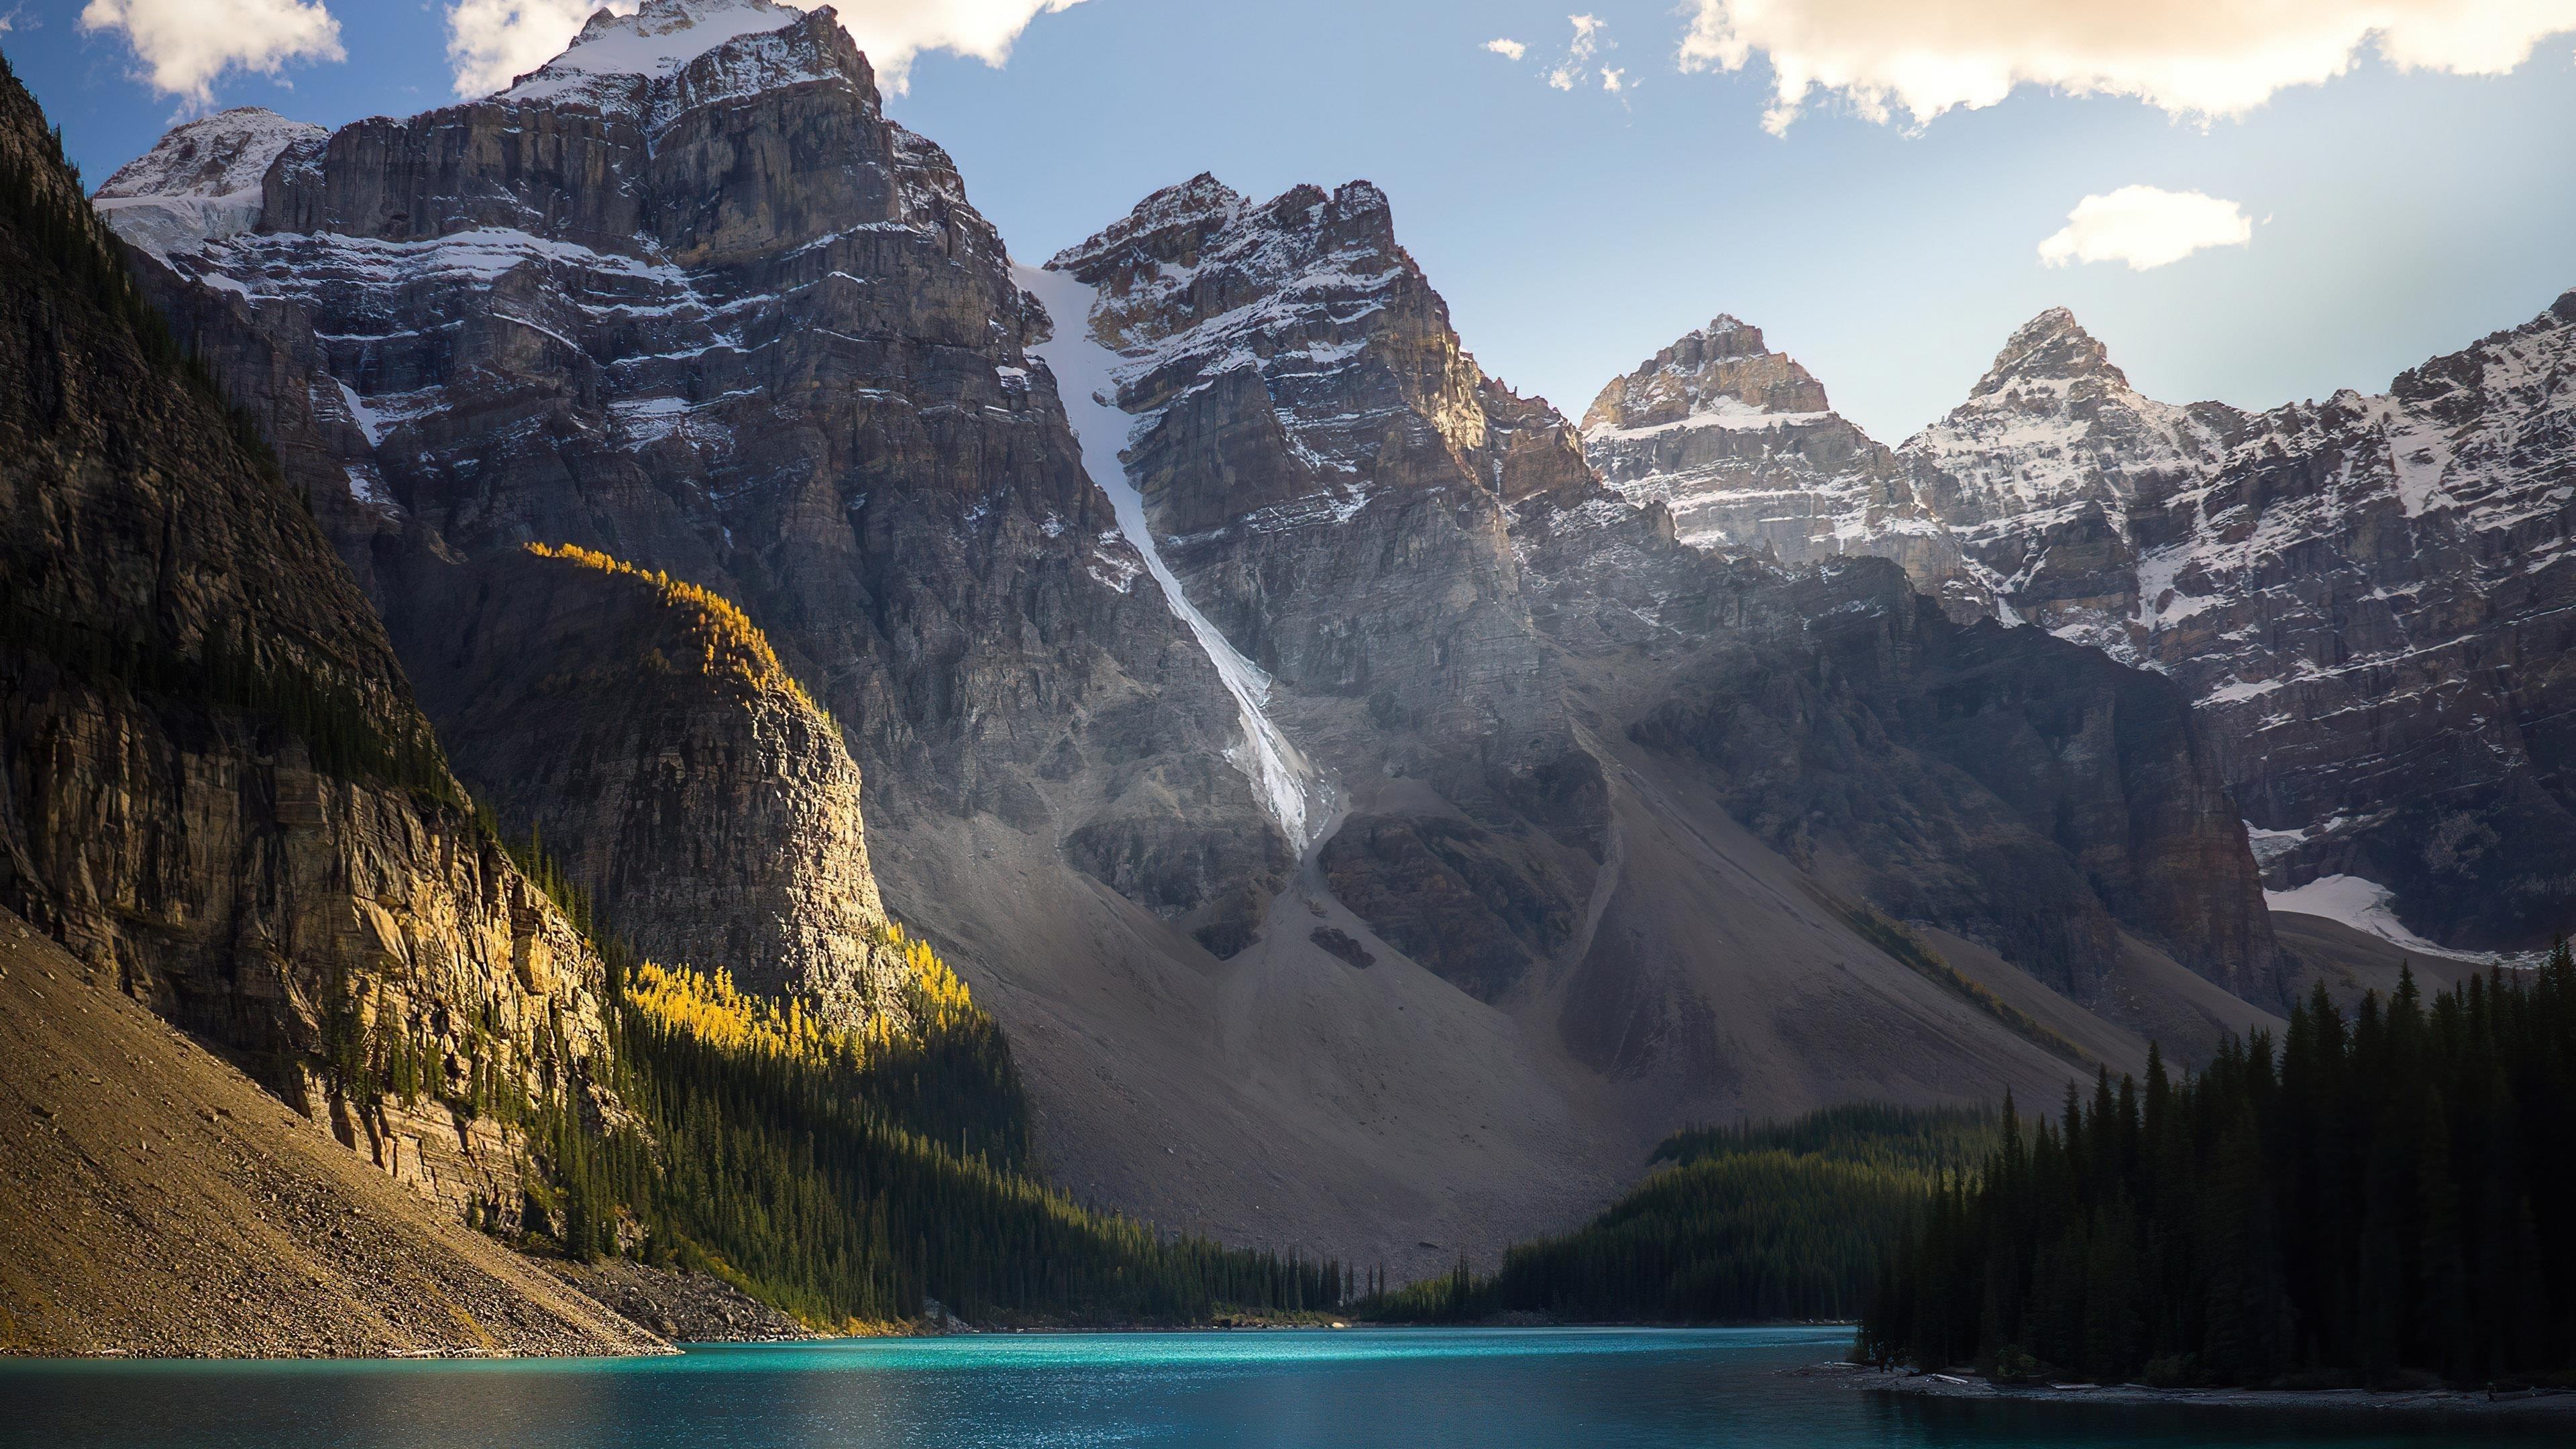 Красивые заснеженные горы озеро пейзажи природа обои скачать